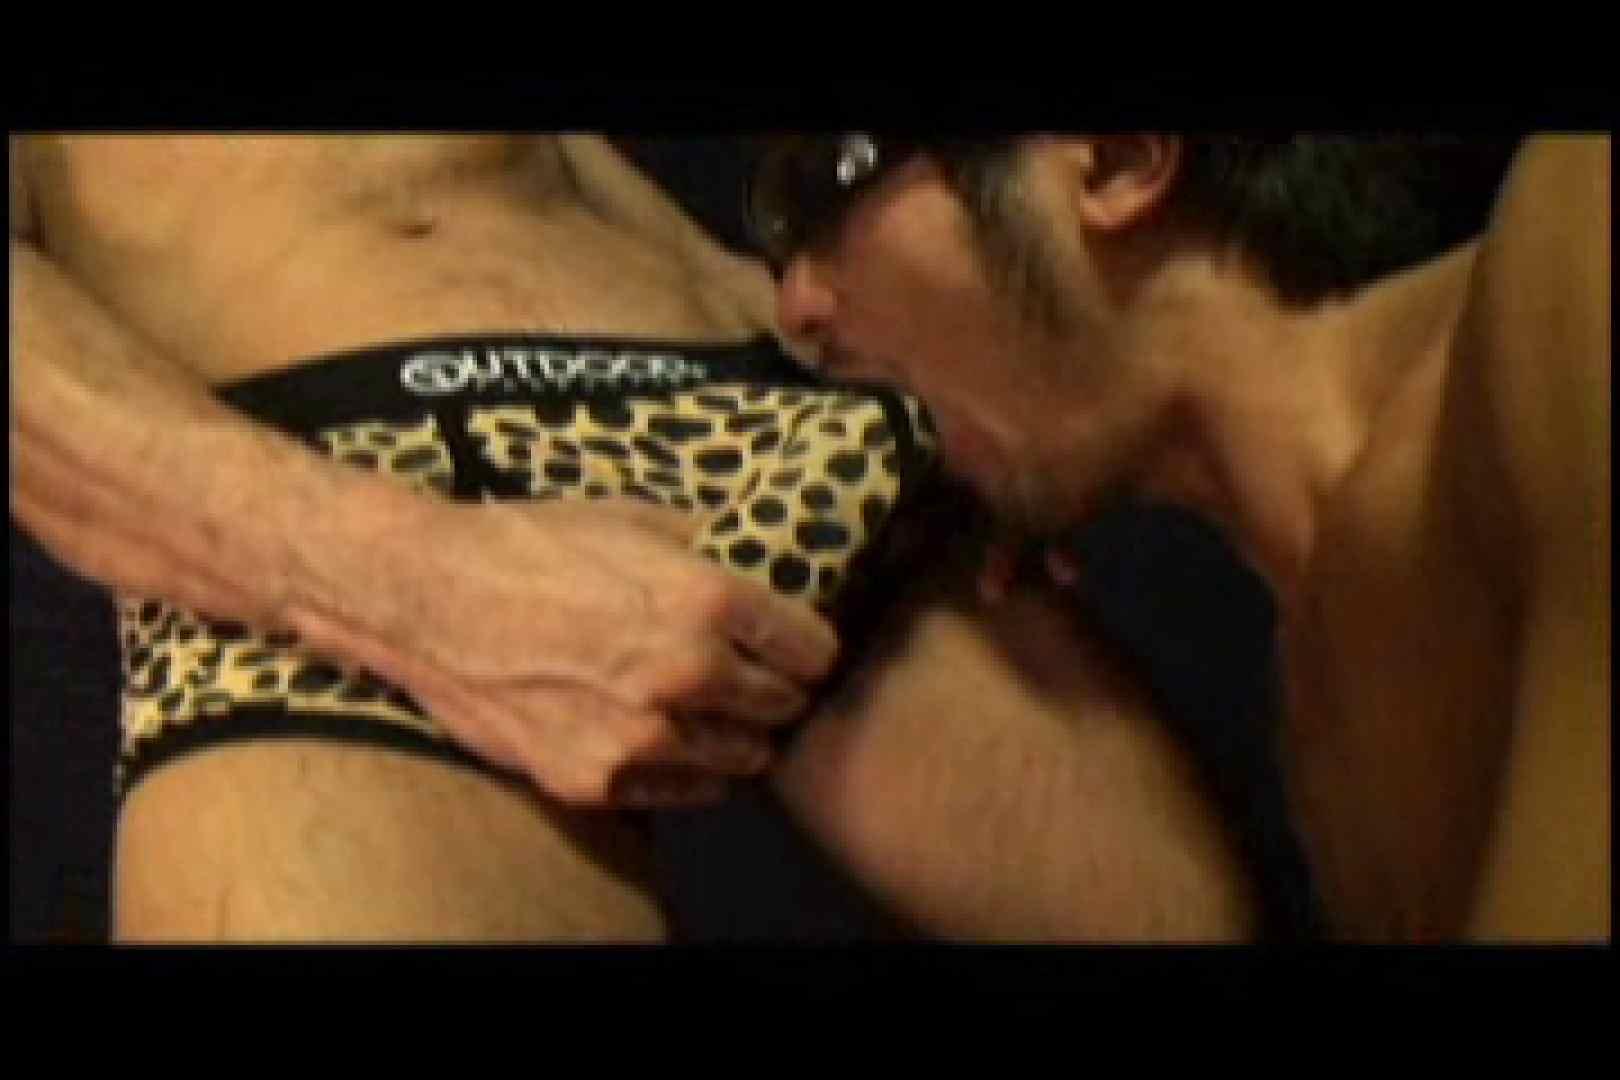 スジ筋ガチムチゴーグルマンvol7 ゴーグルマン   男同士のセックス  70画像 49